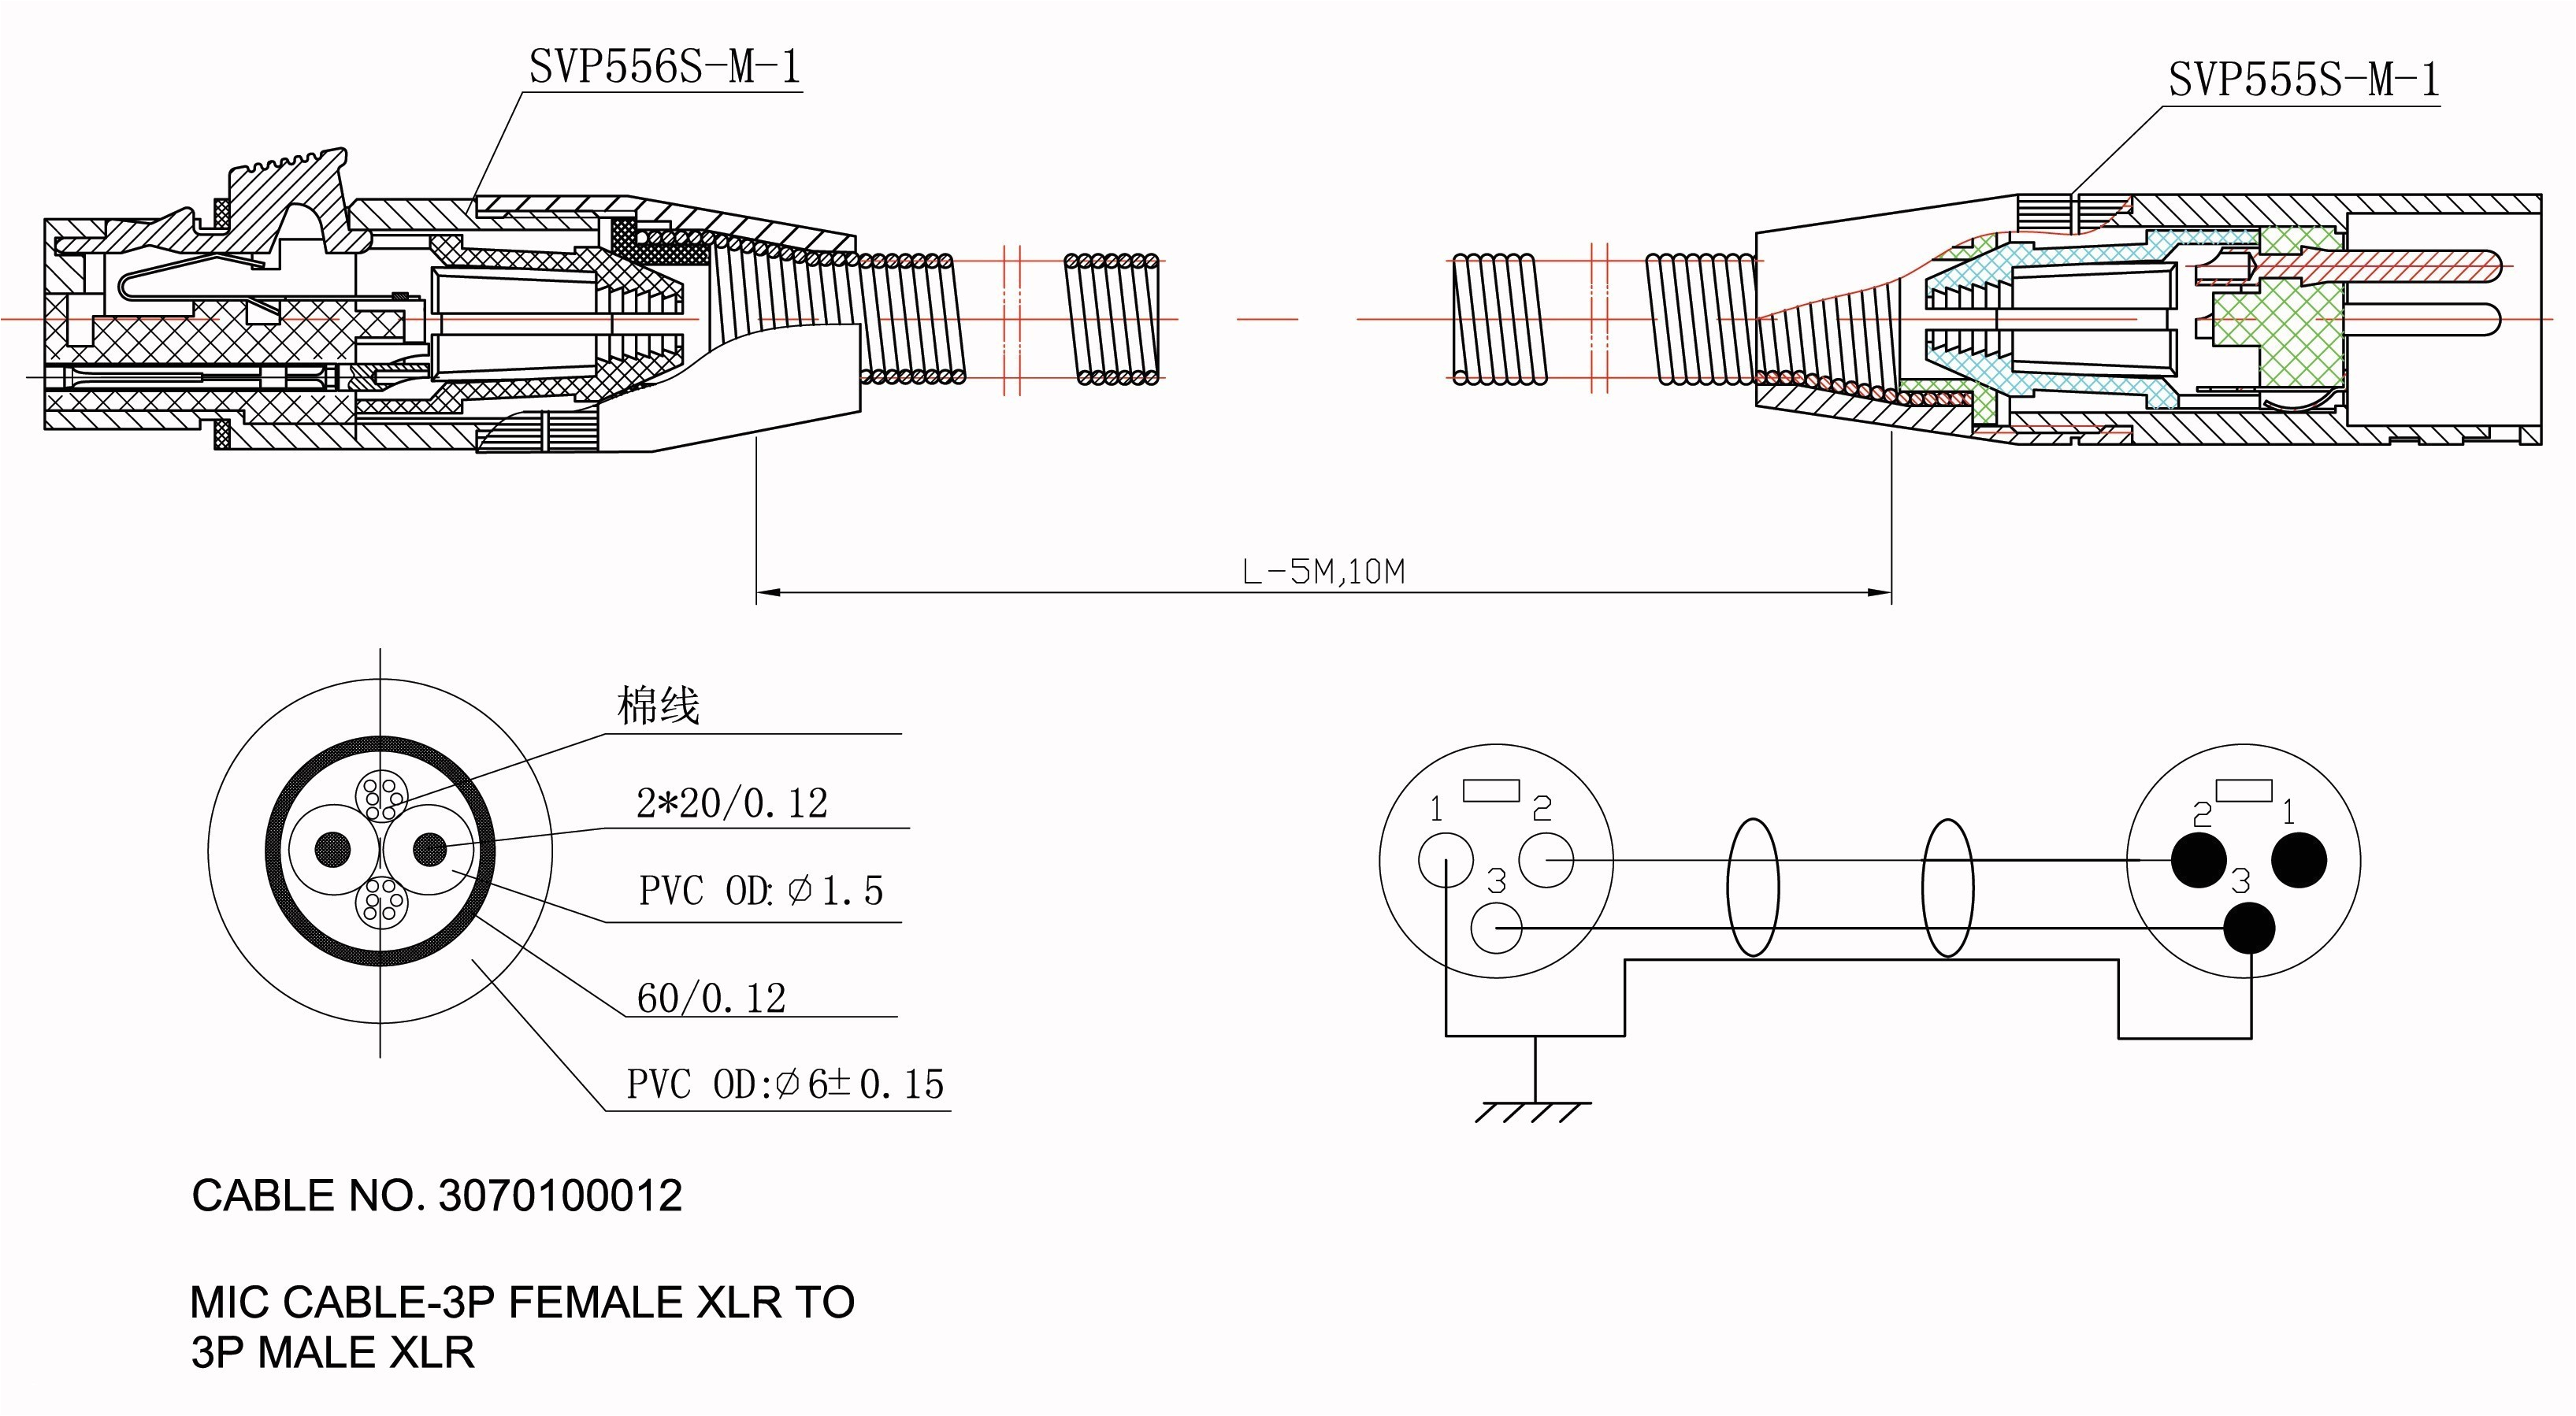 esp ltd wiring diagrams elegant wiring diagram 2000 chrysler cirrusesp ltd wiring diagrams lovely axl guitar